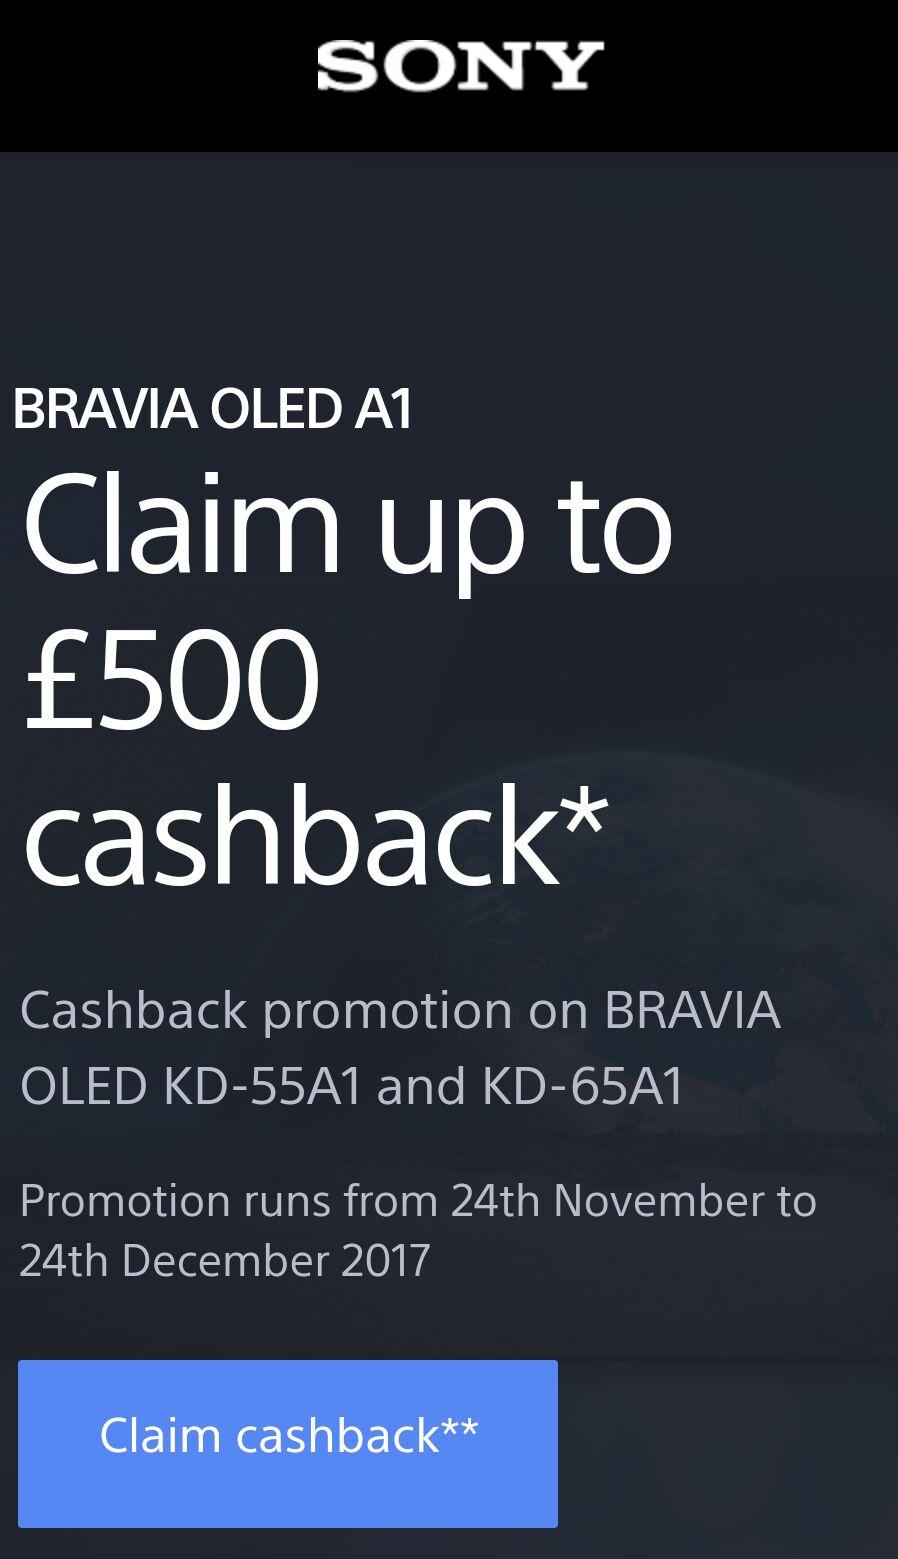 Sony UK Cashback promotion on BRAVIA OLED KD-55A1 and KD-65A1 @ Sony